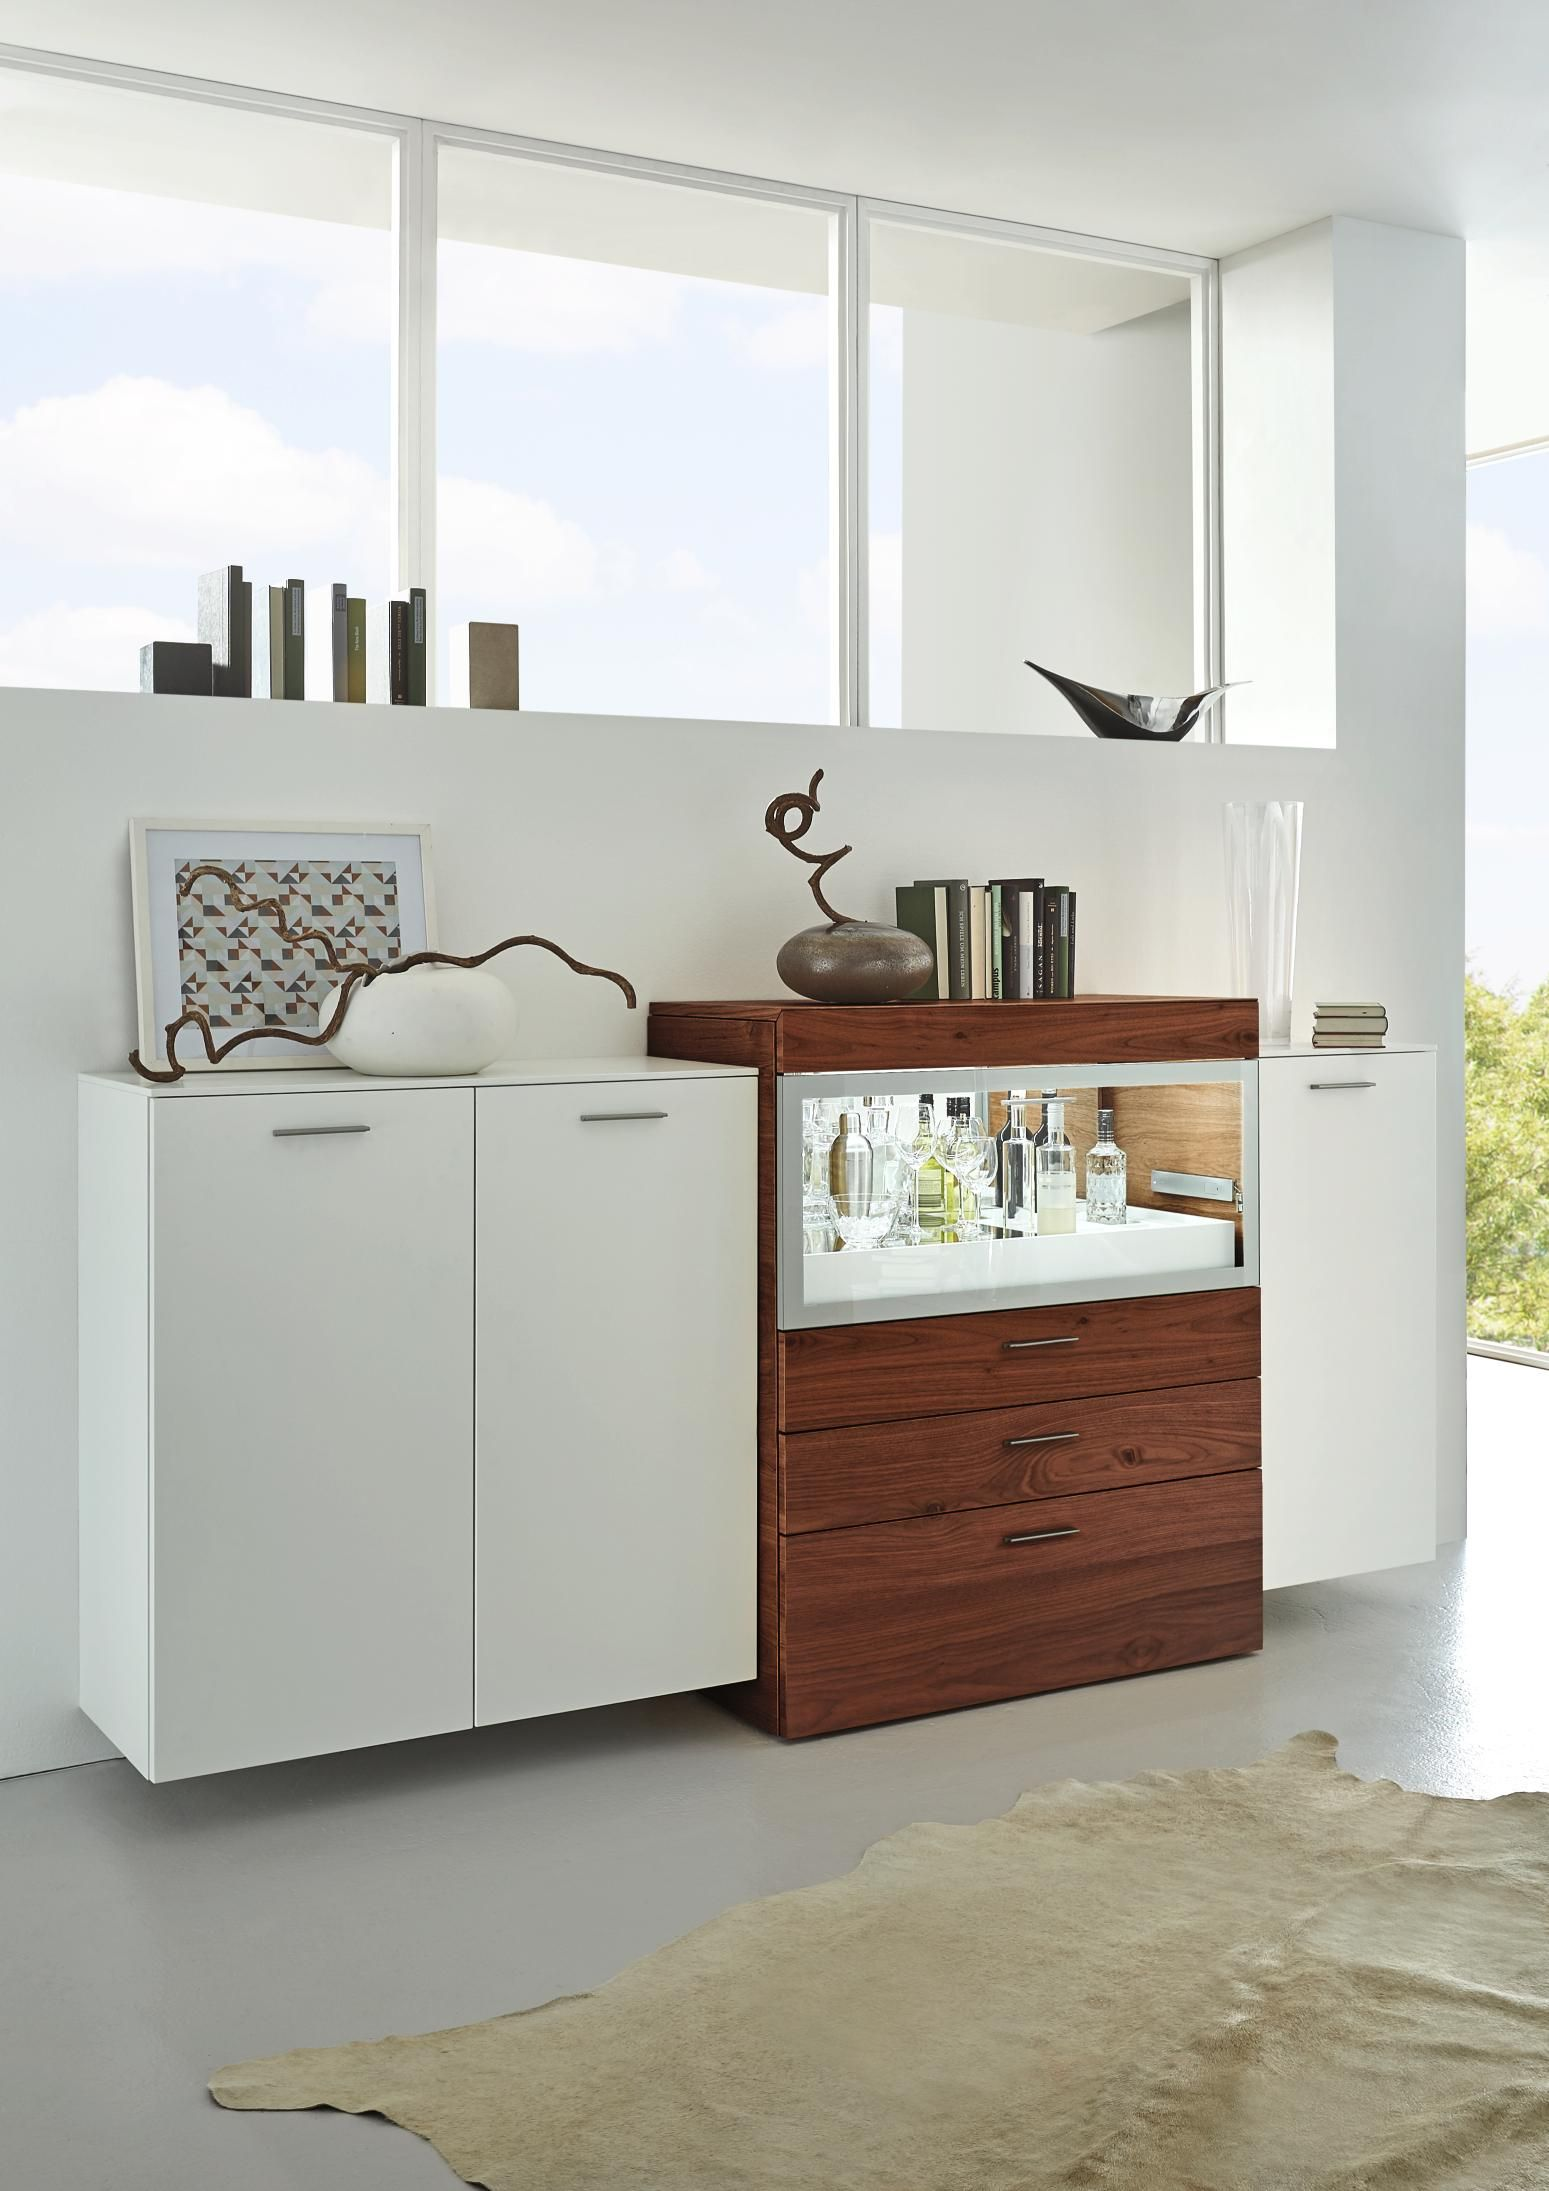 Sideboard Von Ambiente By Hulsta Mit Furnier Aus Balkeneiche Home Room Divider Home Decor